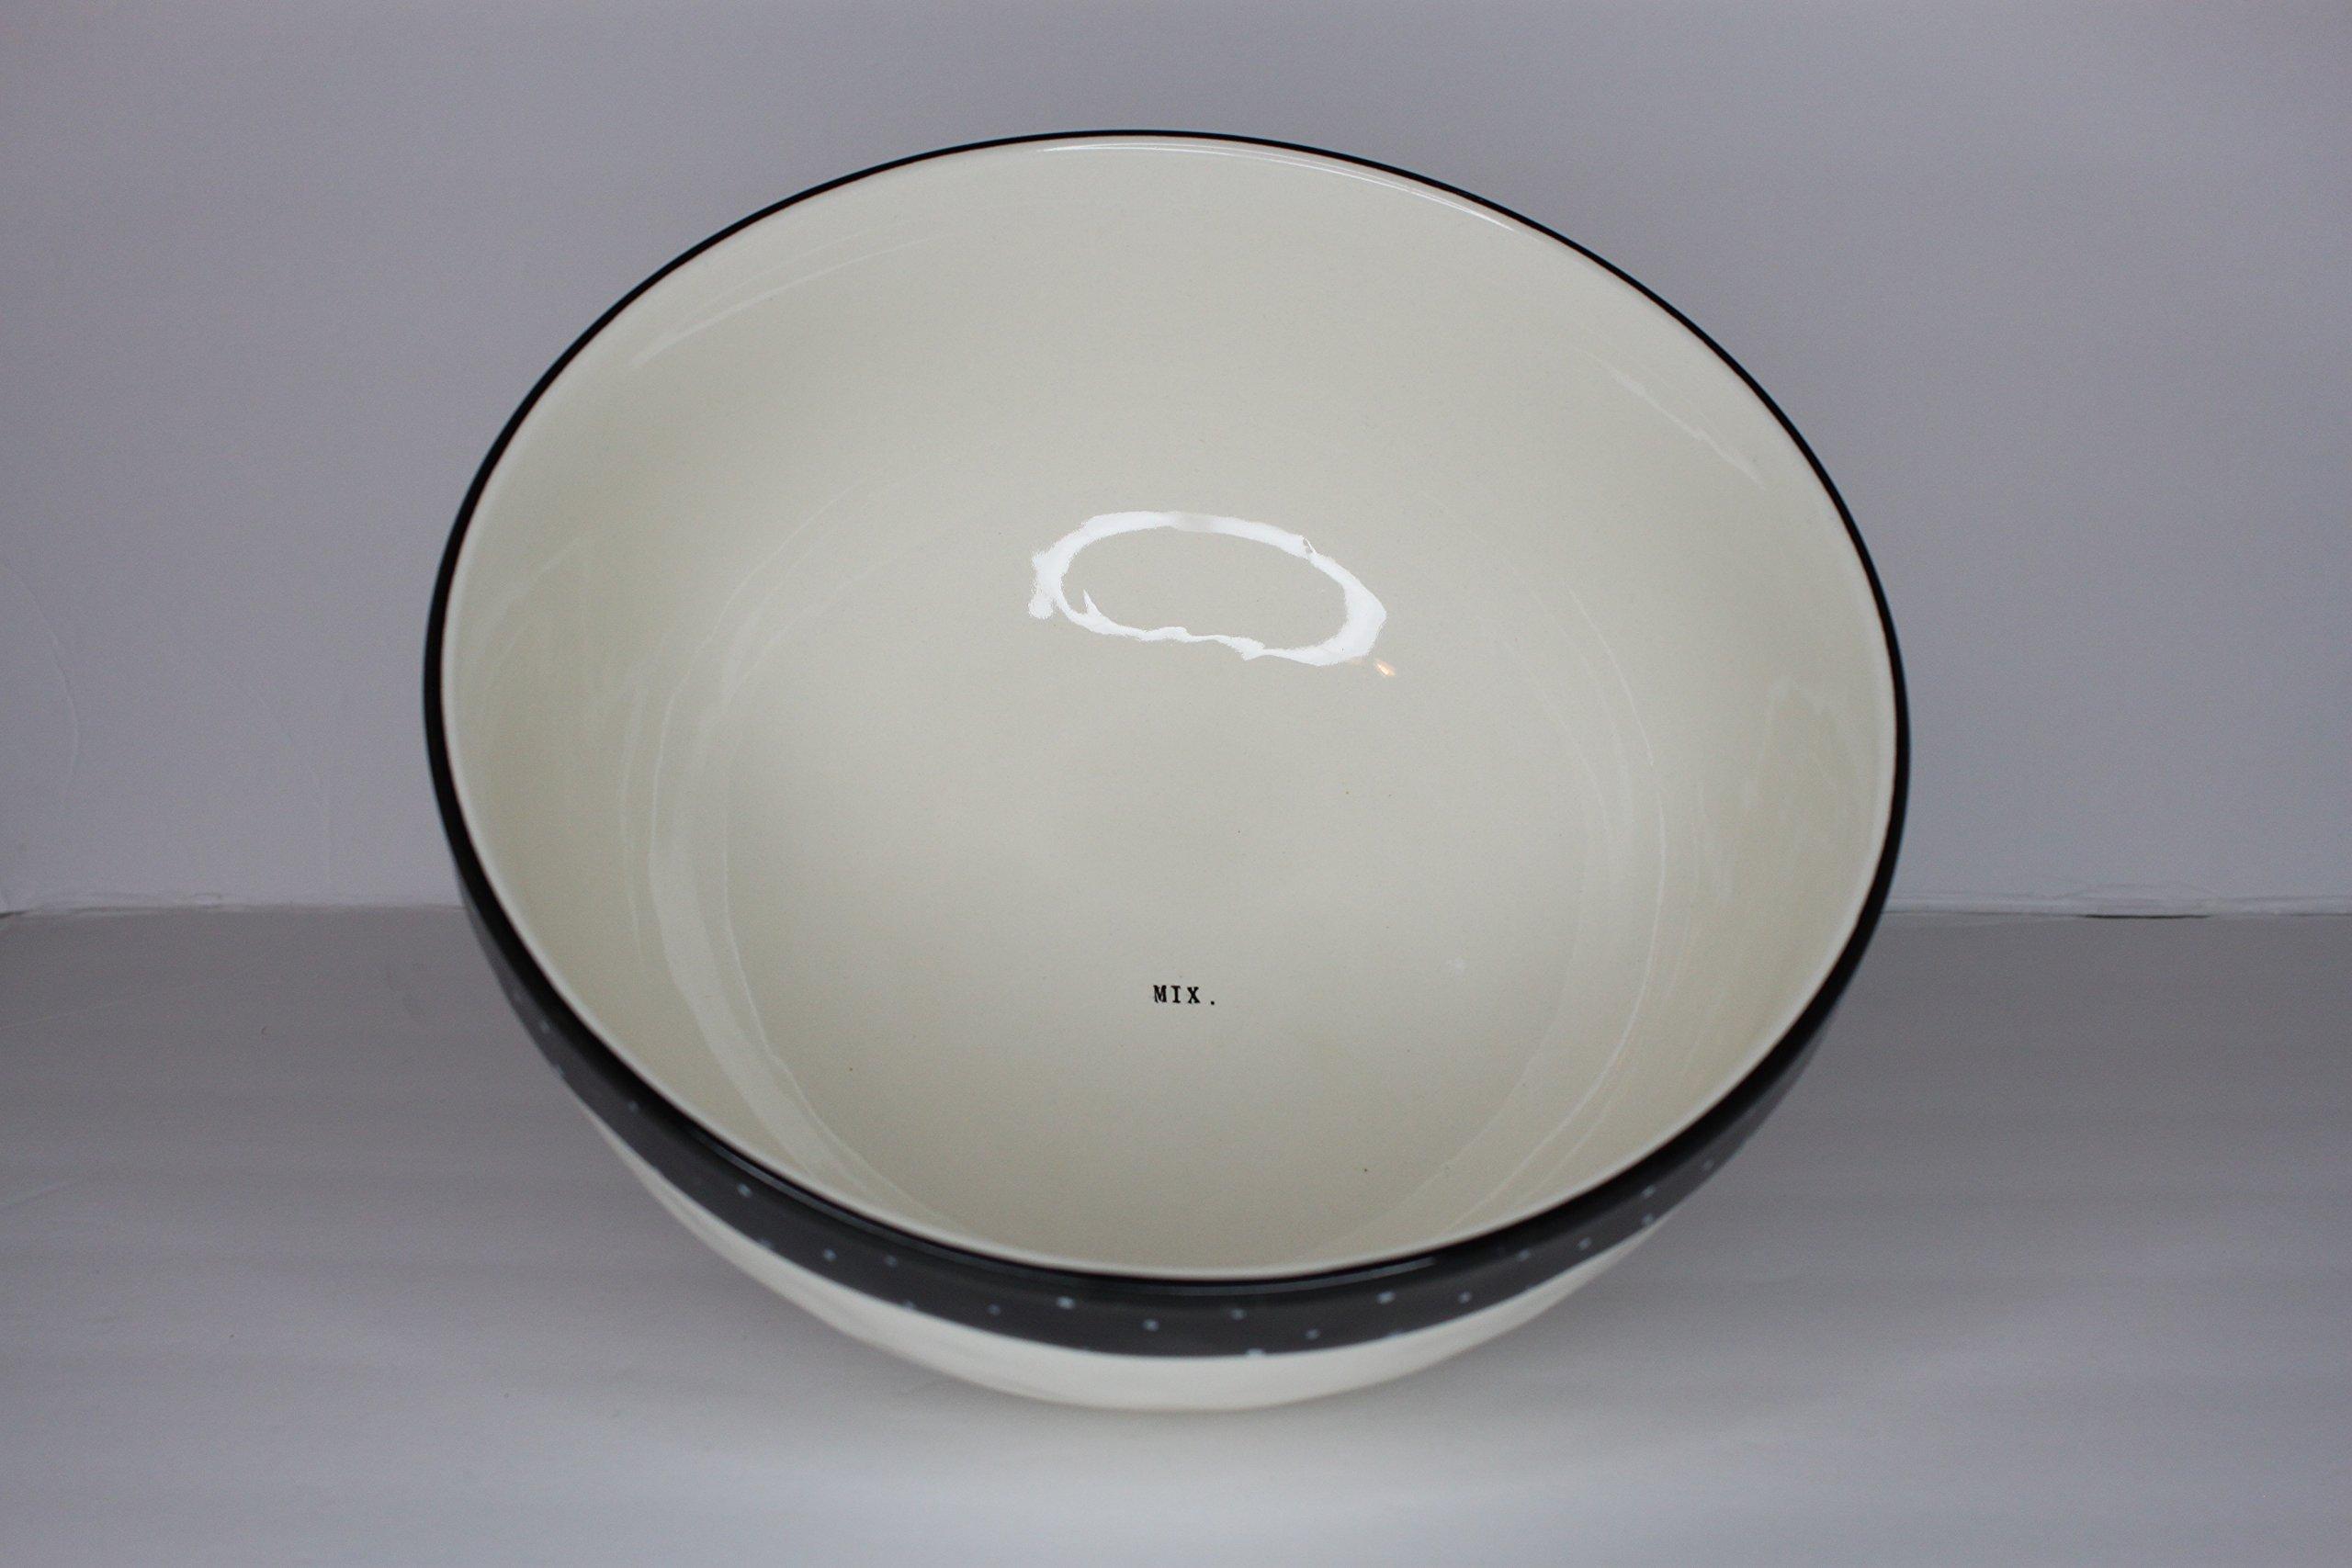 Rae Dunn Magenta Ceramic Stoneware Mixing Bowl Typewriter Mix. - Cream/Black Polka Dot